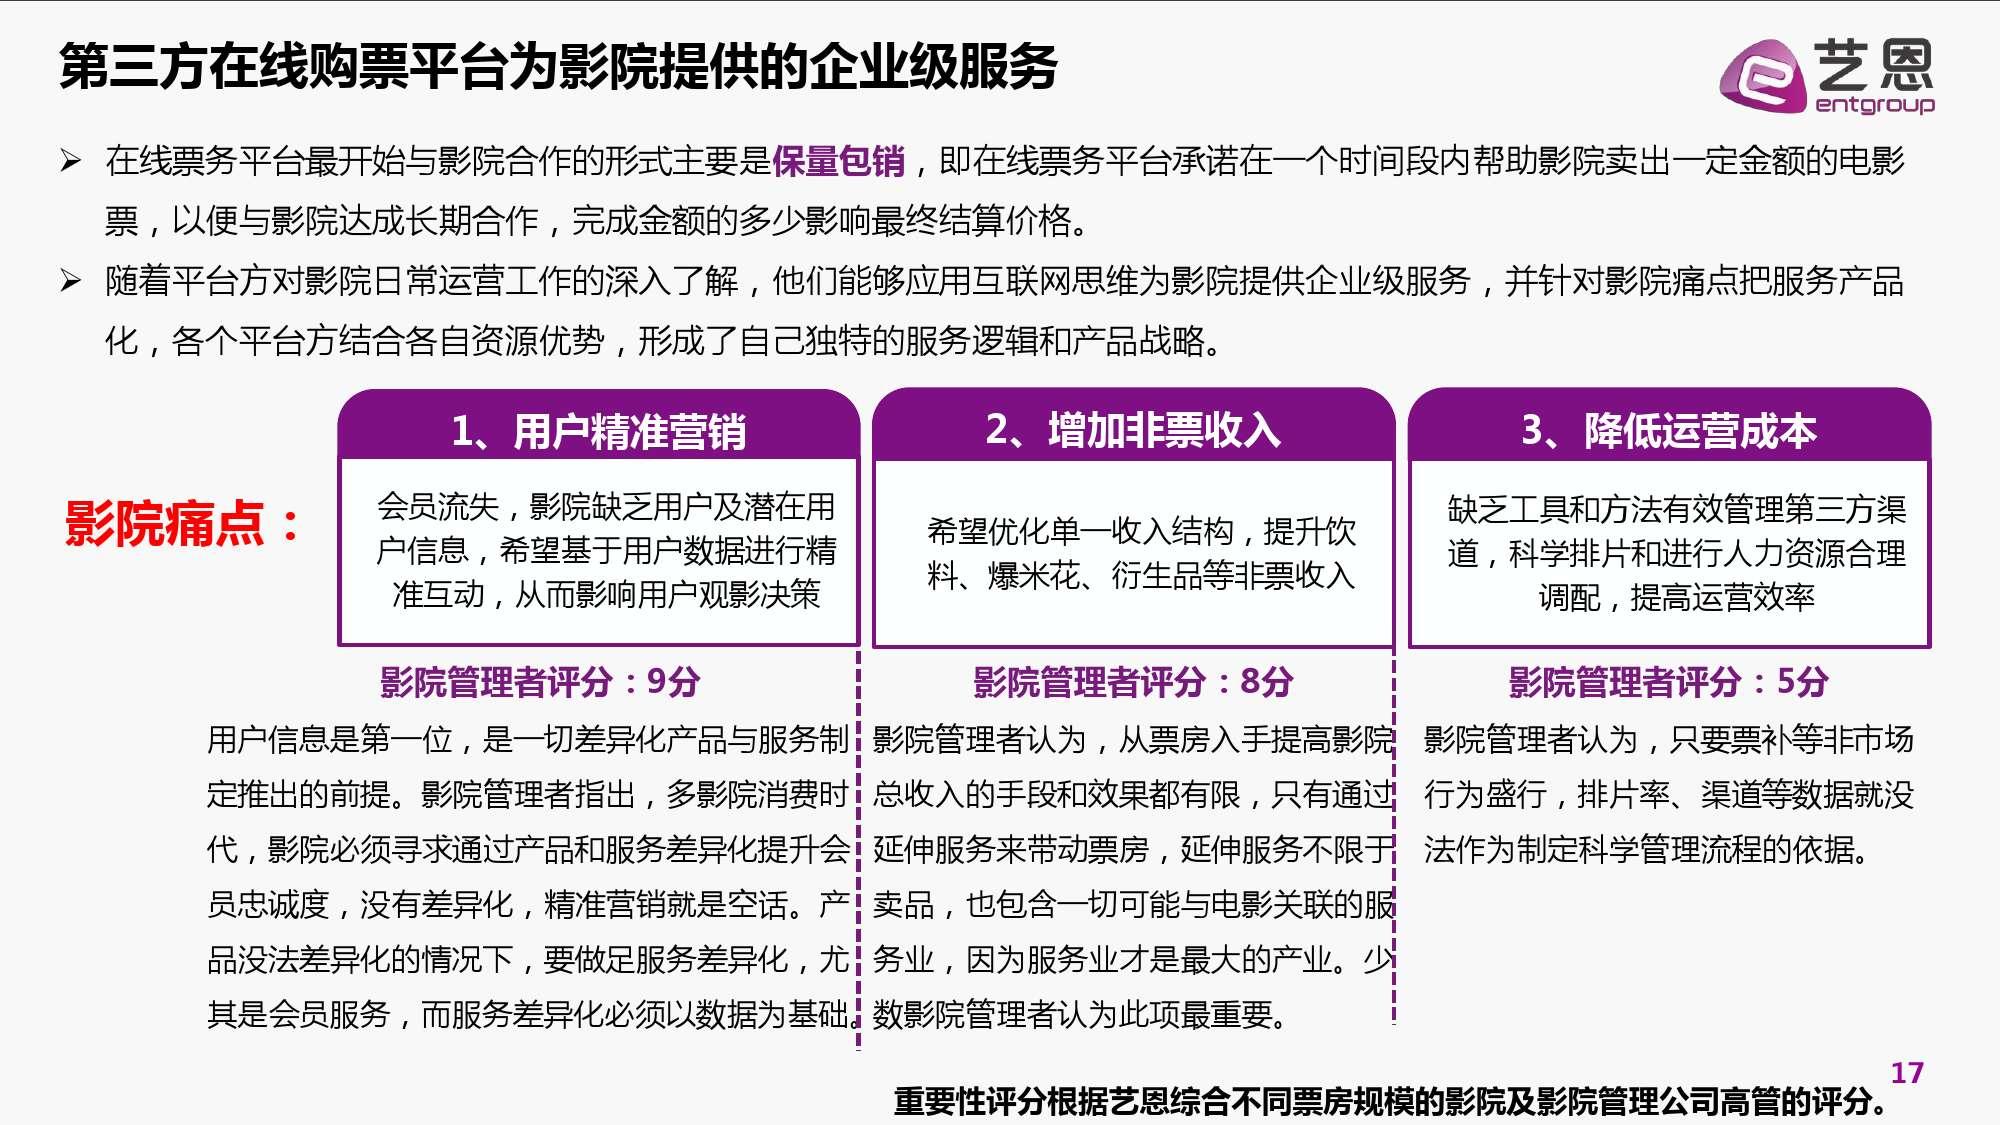 2016年中国电影在线票务市场研究报告_000016